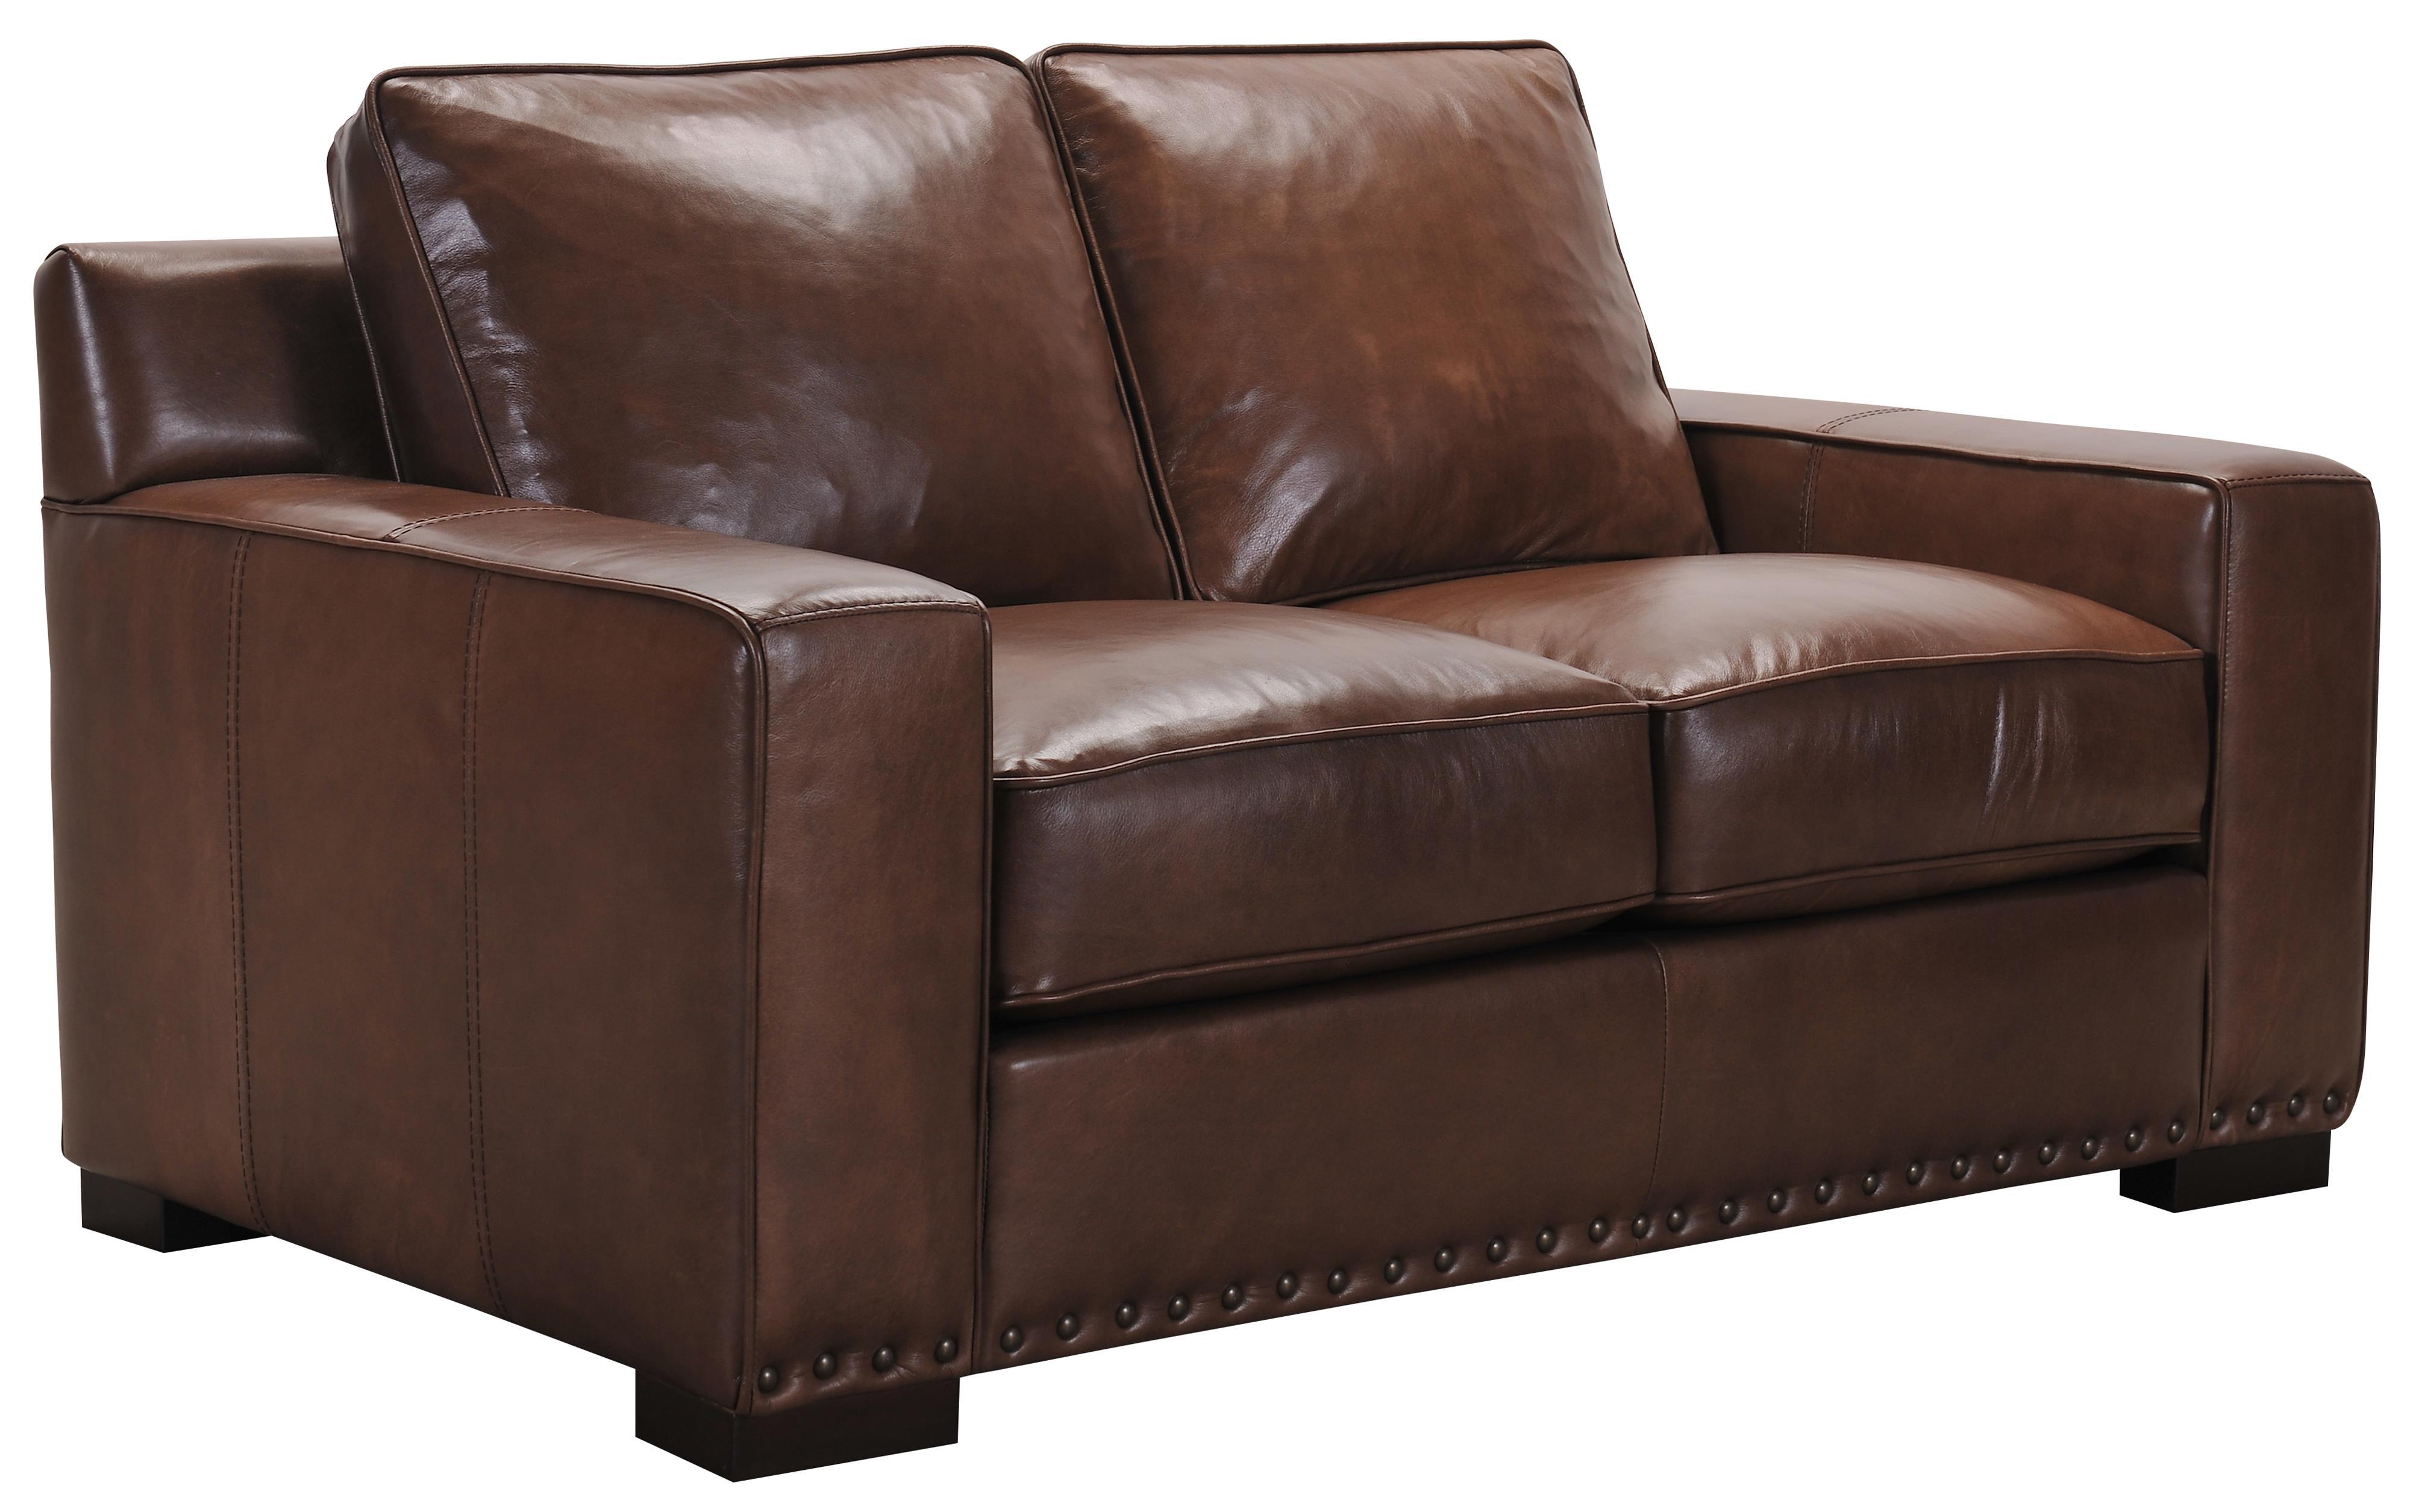 Belfort Select Patrick Brown Leather Love Seat - Item Number: 3584-2P